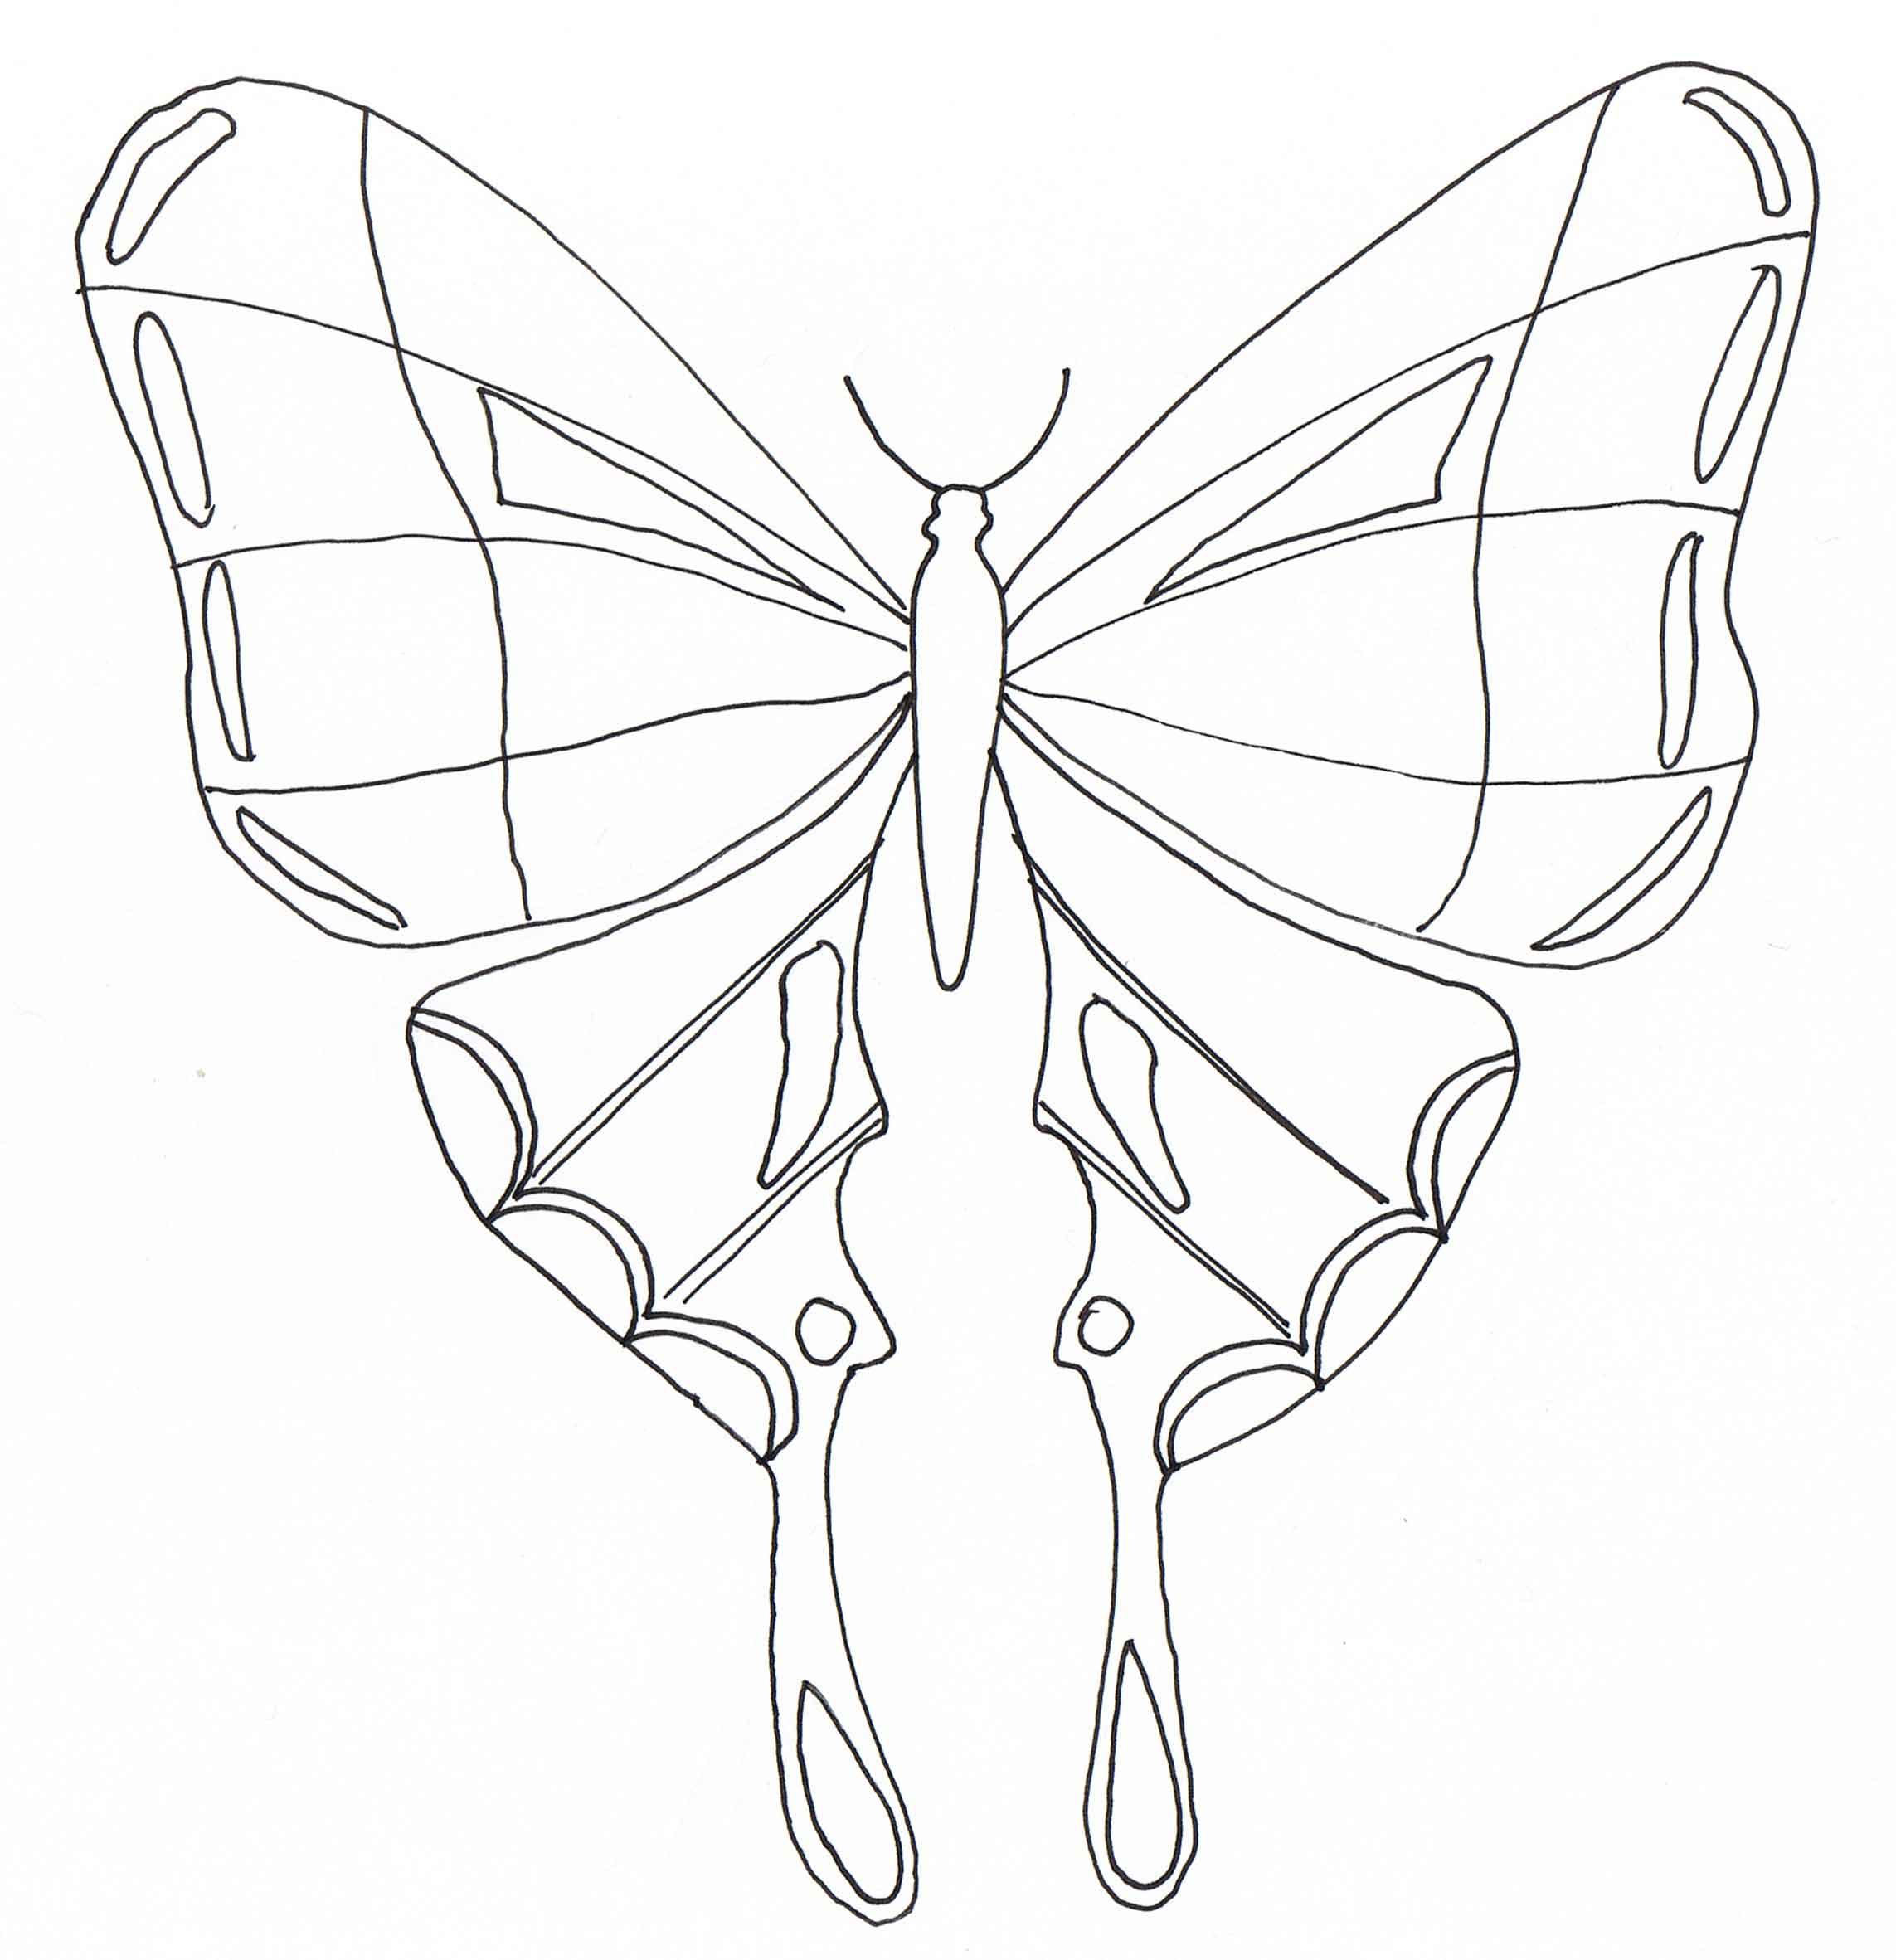 110 Dibujos De Mariposas Para Colorear Oh Kids Page 11